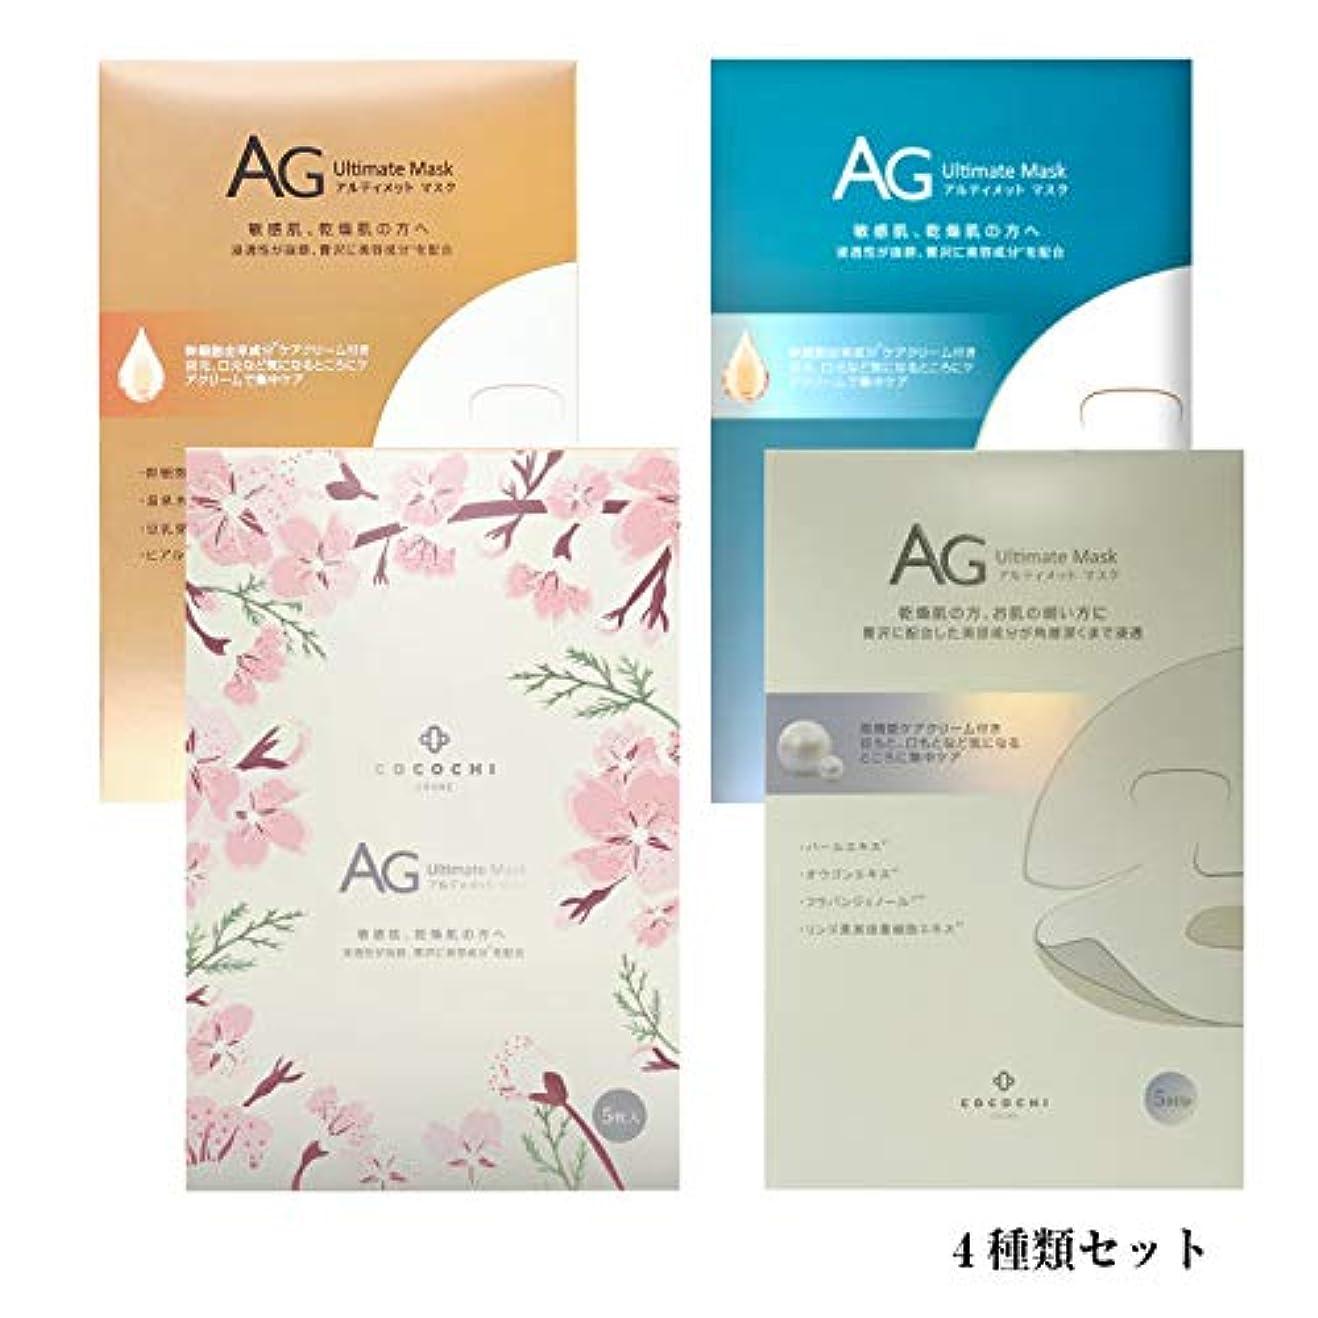 全部アンデス山脈アデレードAGアルティメットマスク 4種類セット AG アルティメットマスク/オーシャンマスク/さくら/アコヤ真珠マスク